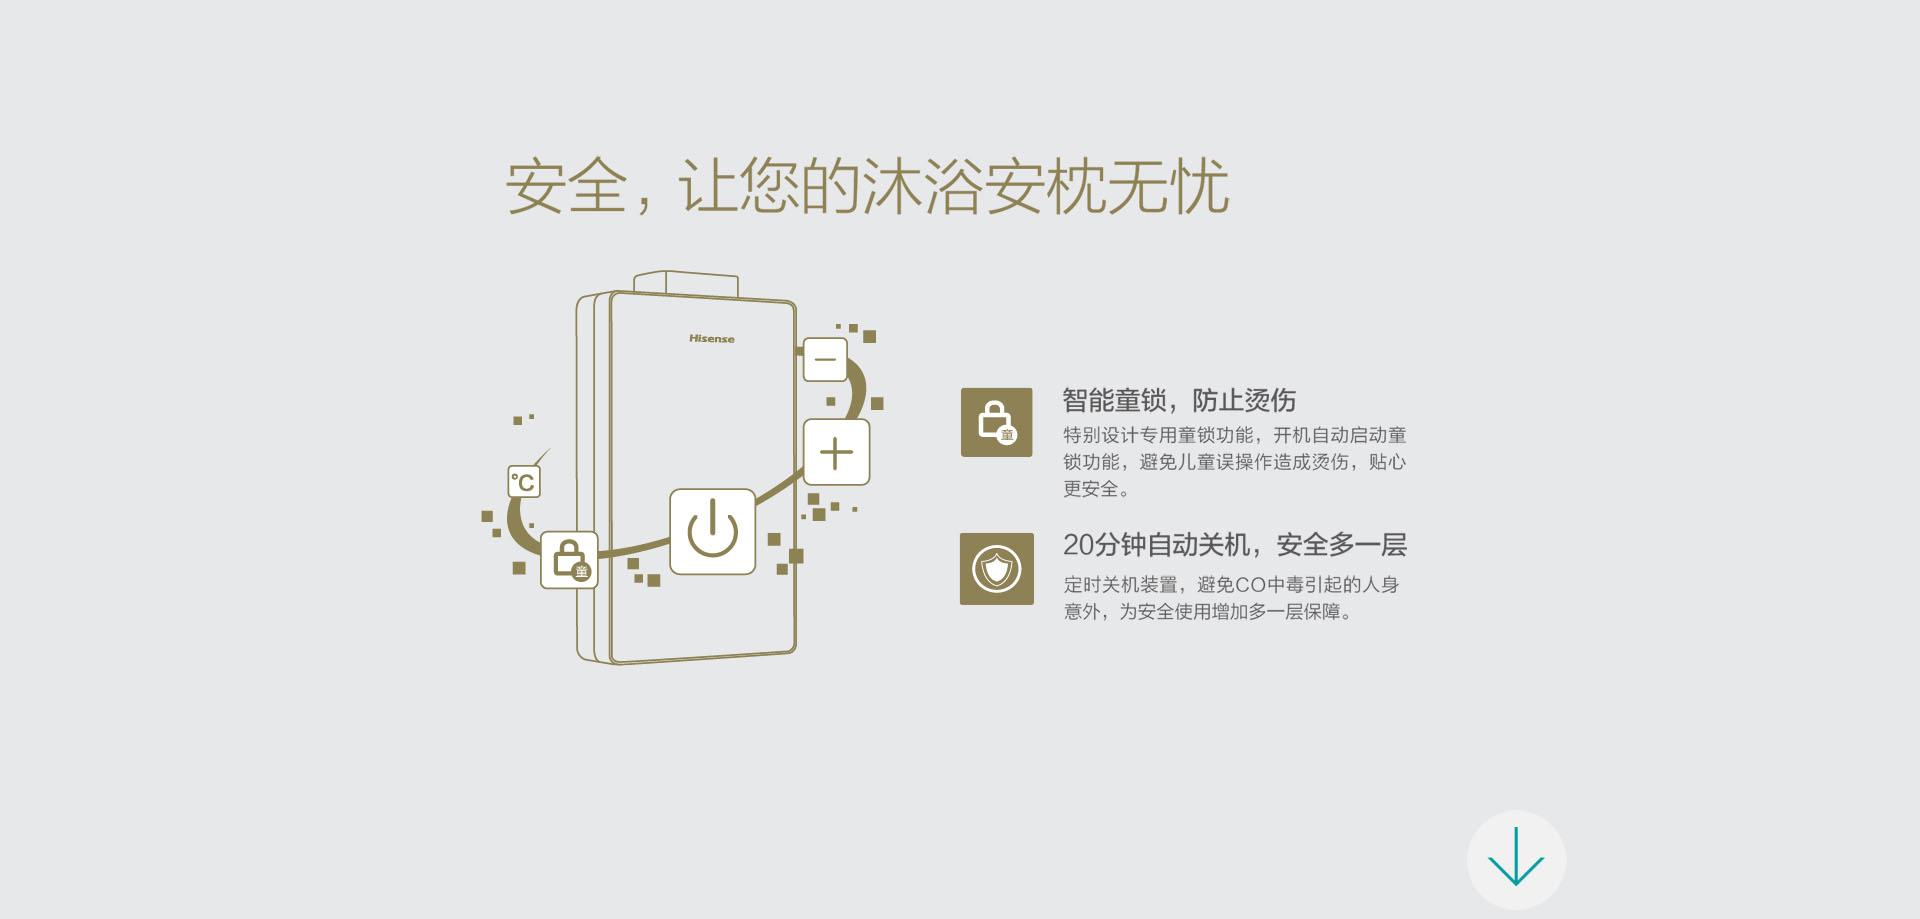 利来国际下载燃气热水器